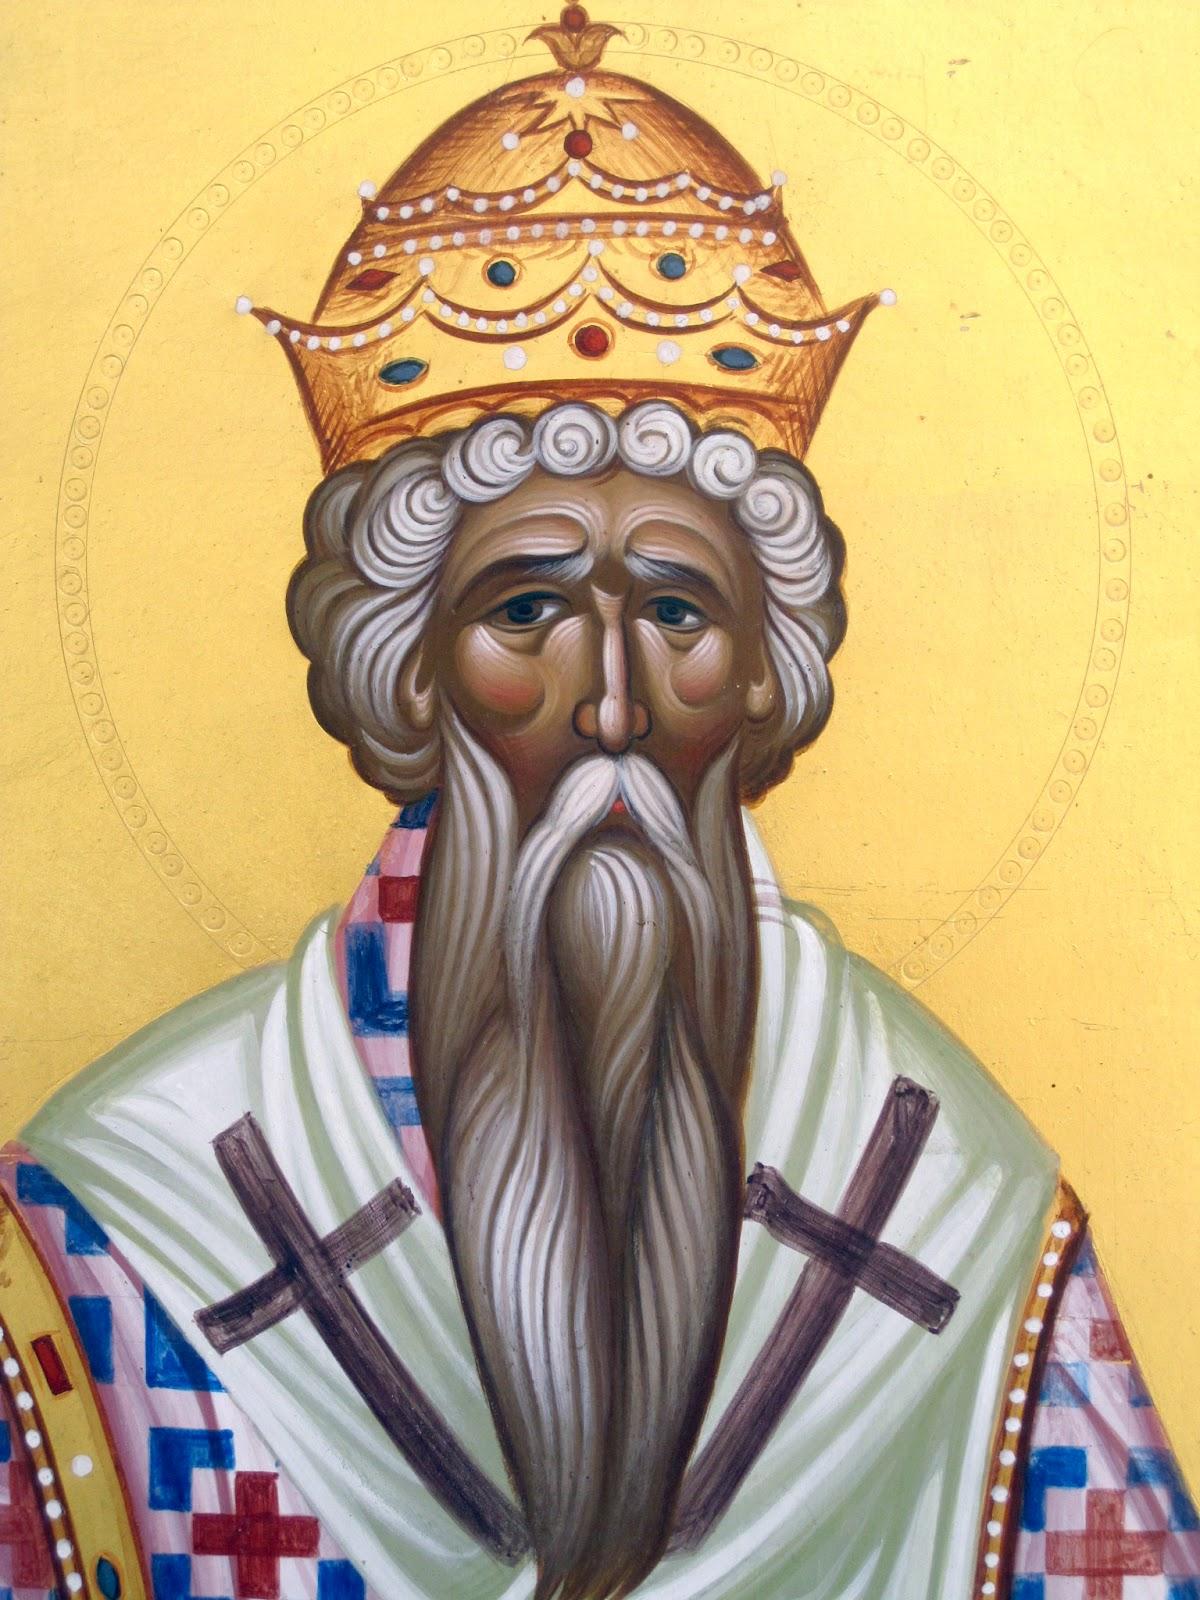 Ο Άγιος Ευλόγιος ο Ιερομάρτυρας και οι Αγίες Λεωκρητία και οι δύο ανώνυμες παρθένες Μάρτυρες εν Κορδούη Ισπανίας. 11 Μαρτίου ε.ε.